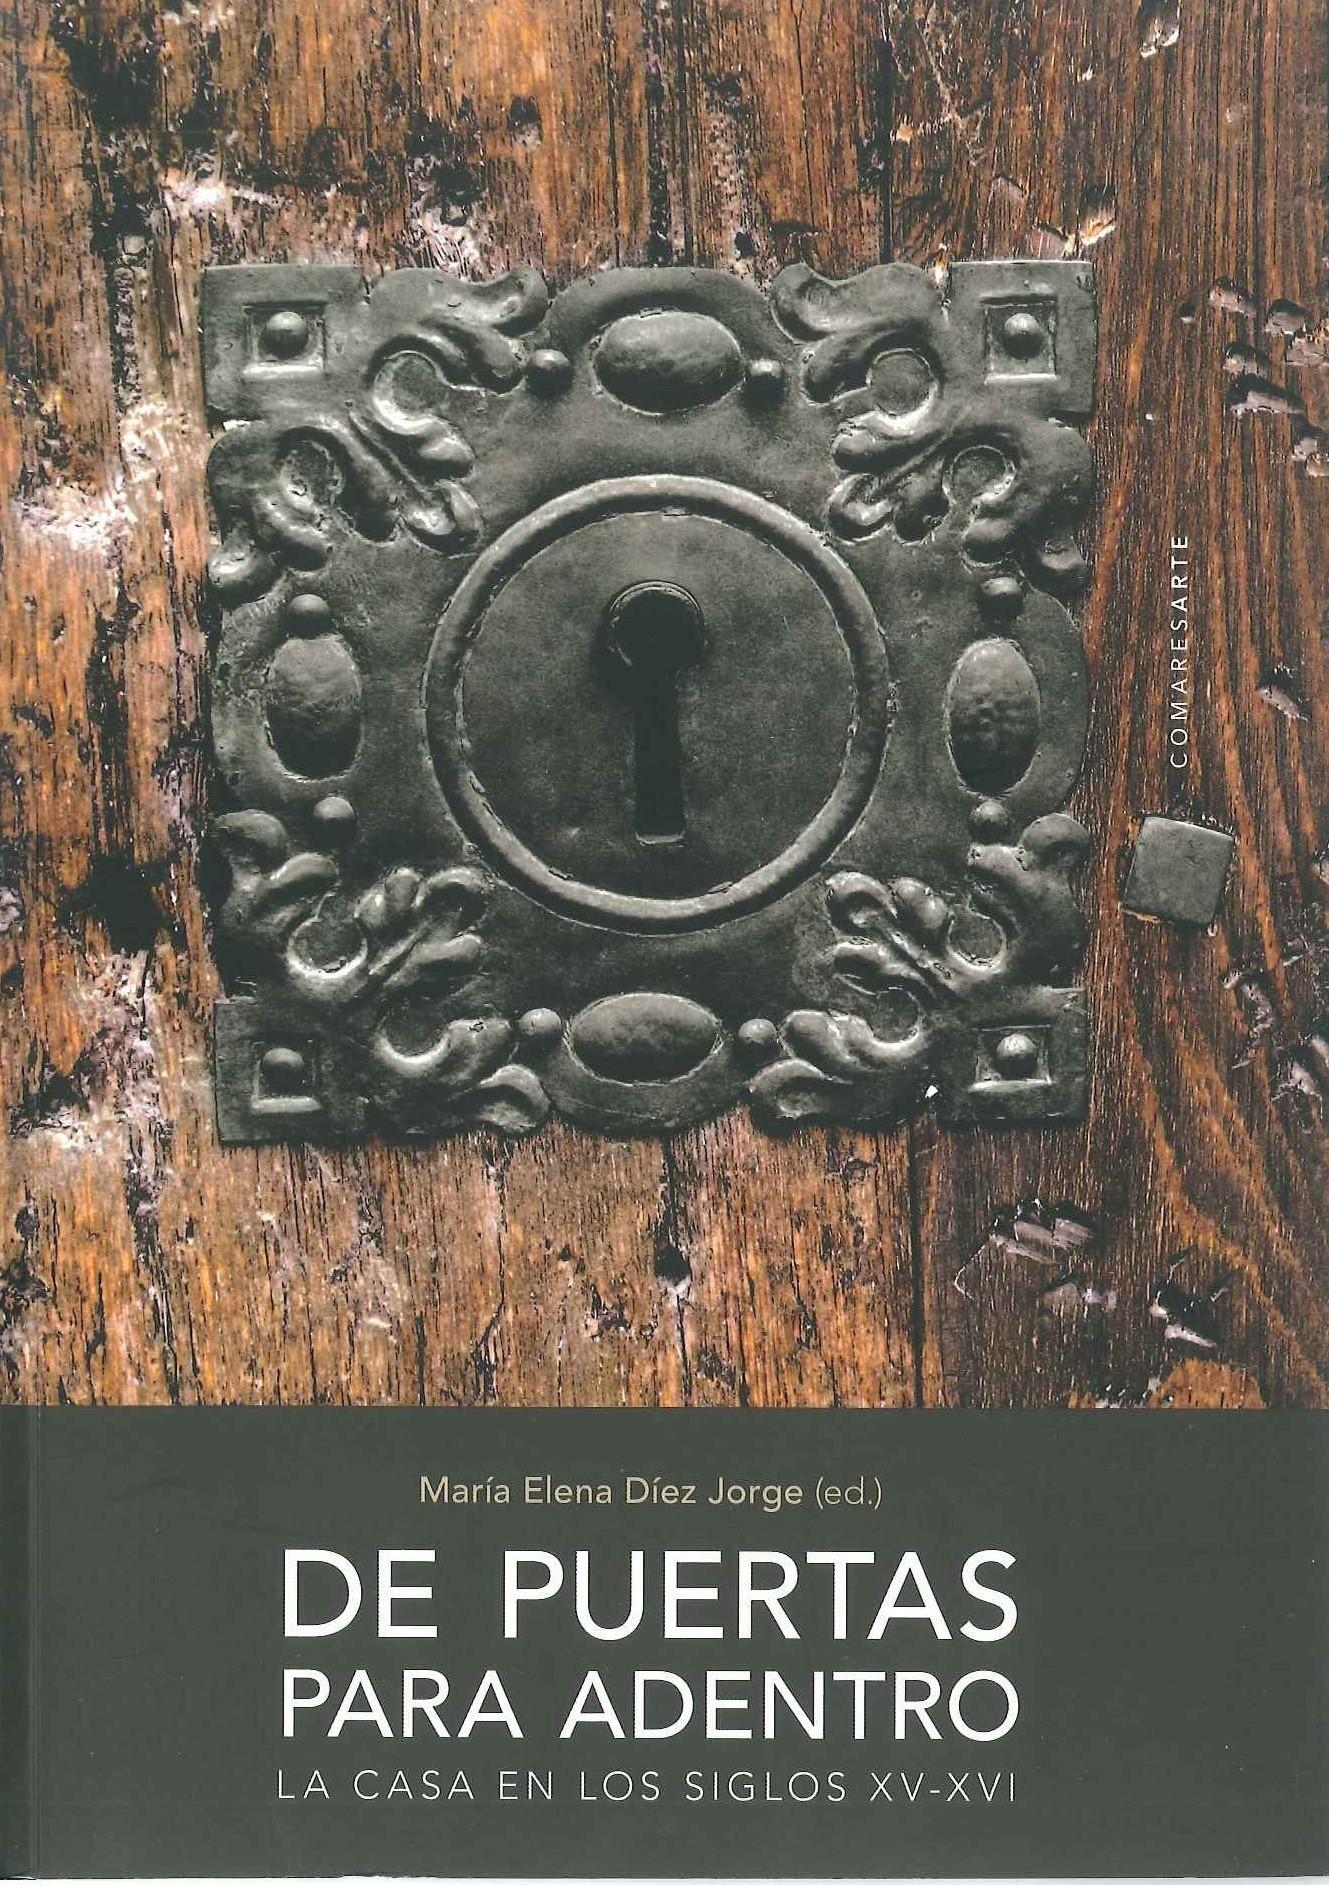 De puertas para adentro : la casa en los siglos XV-XVI